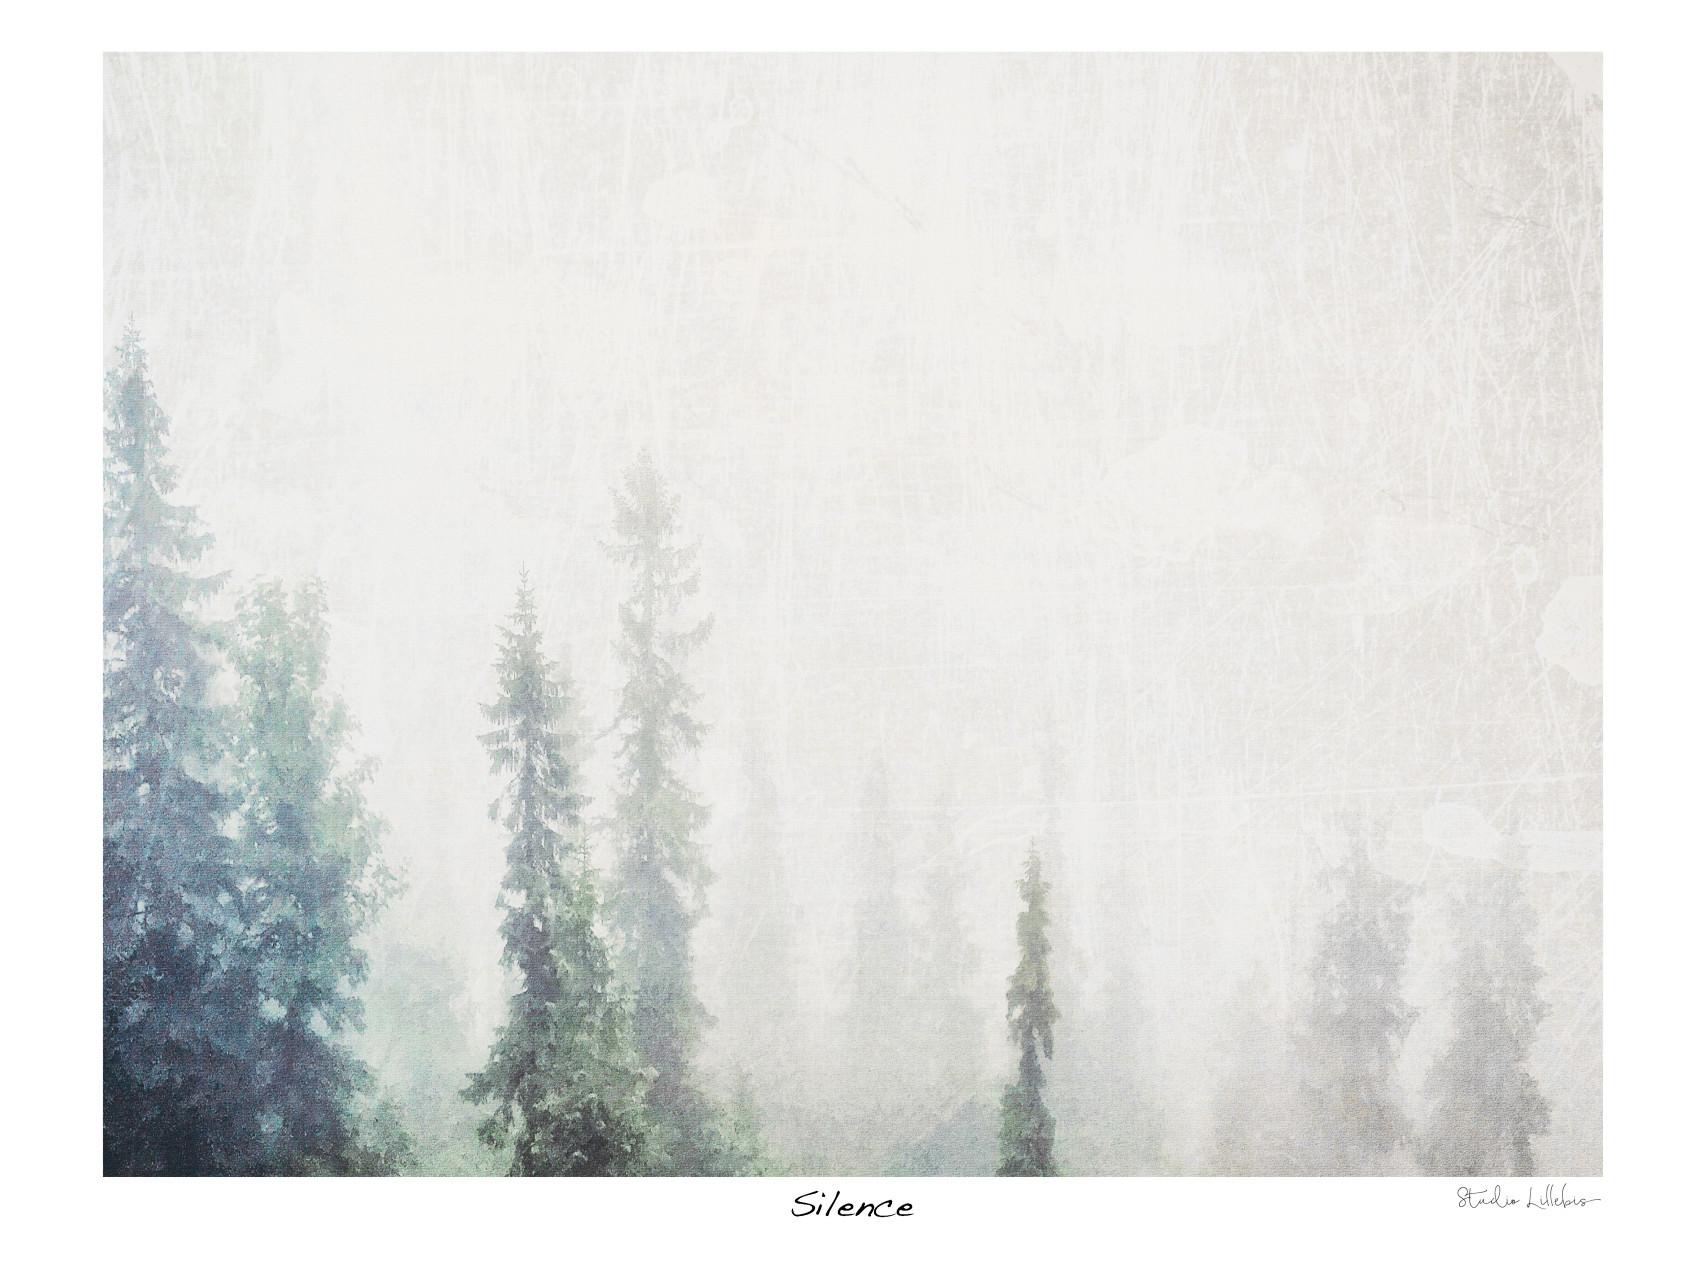 Silence-40x30